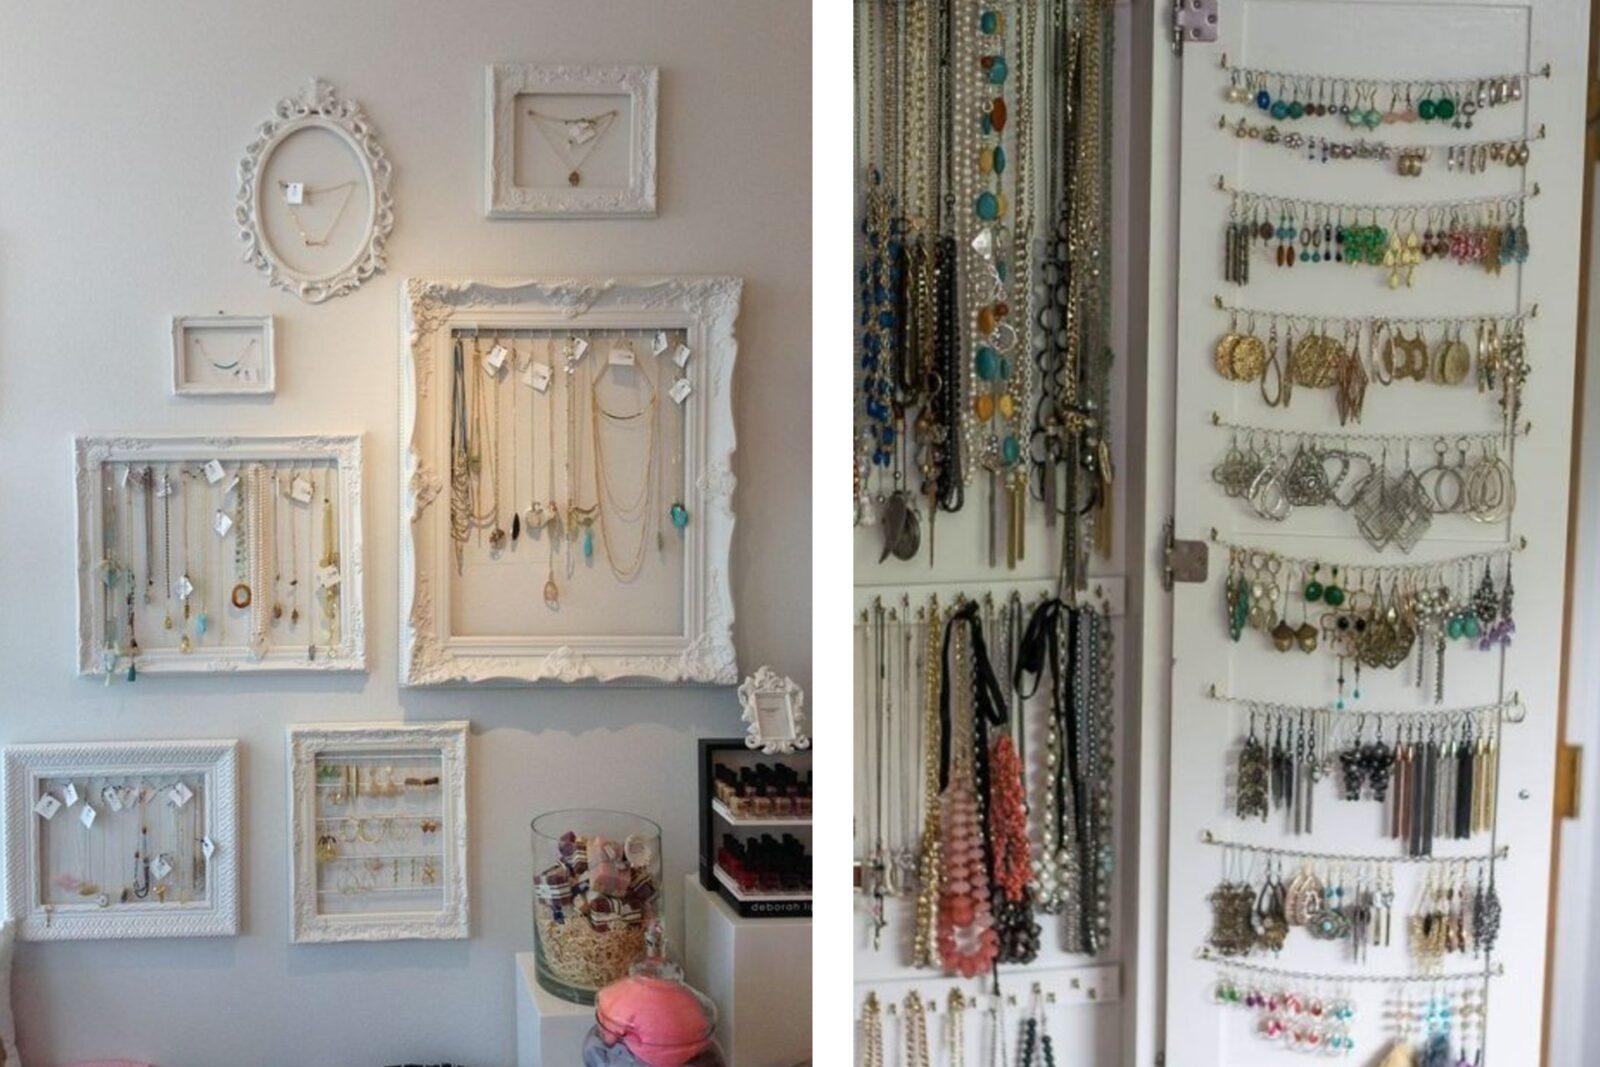 Idee Per Porta Orecchini porta gioielli fai da te: tante idee tutte da copiare!